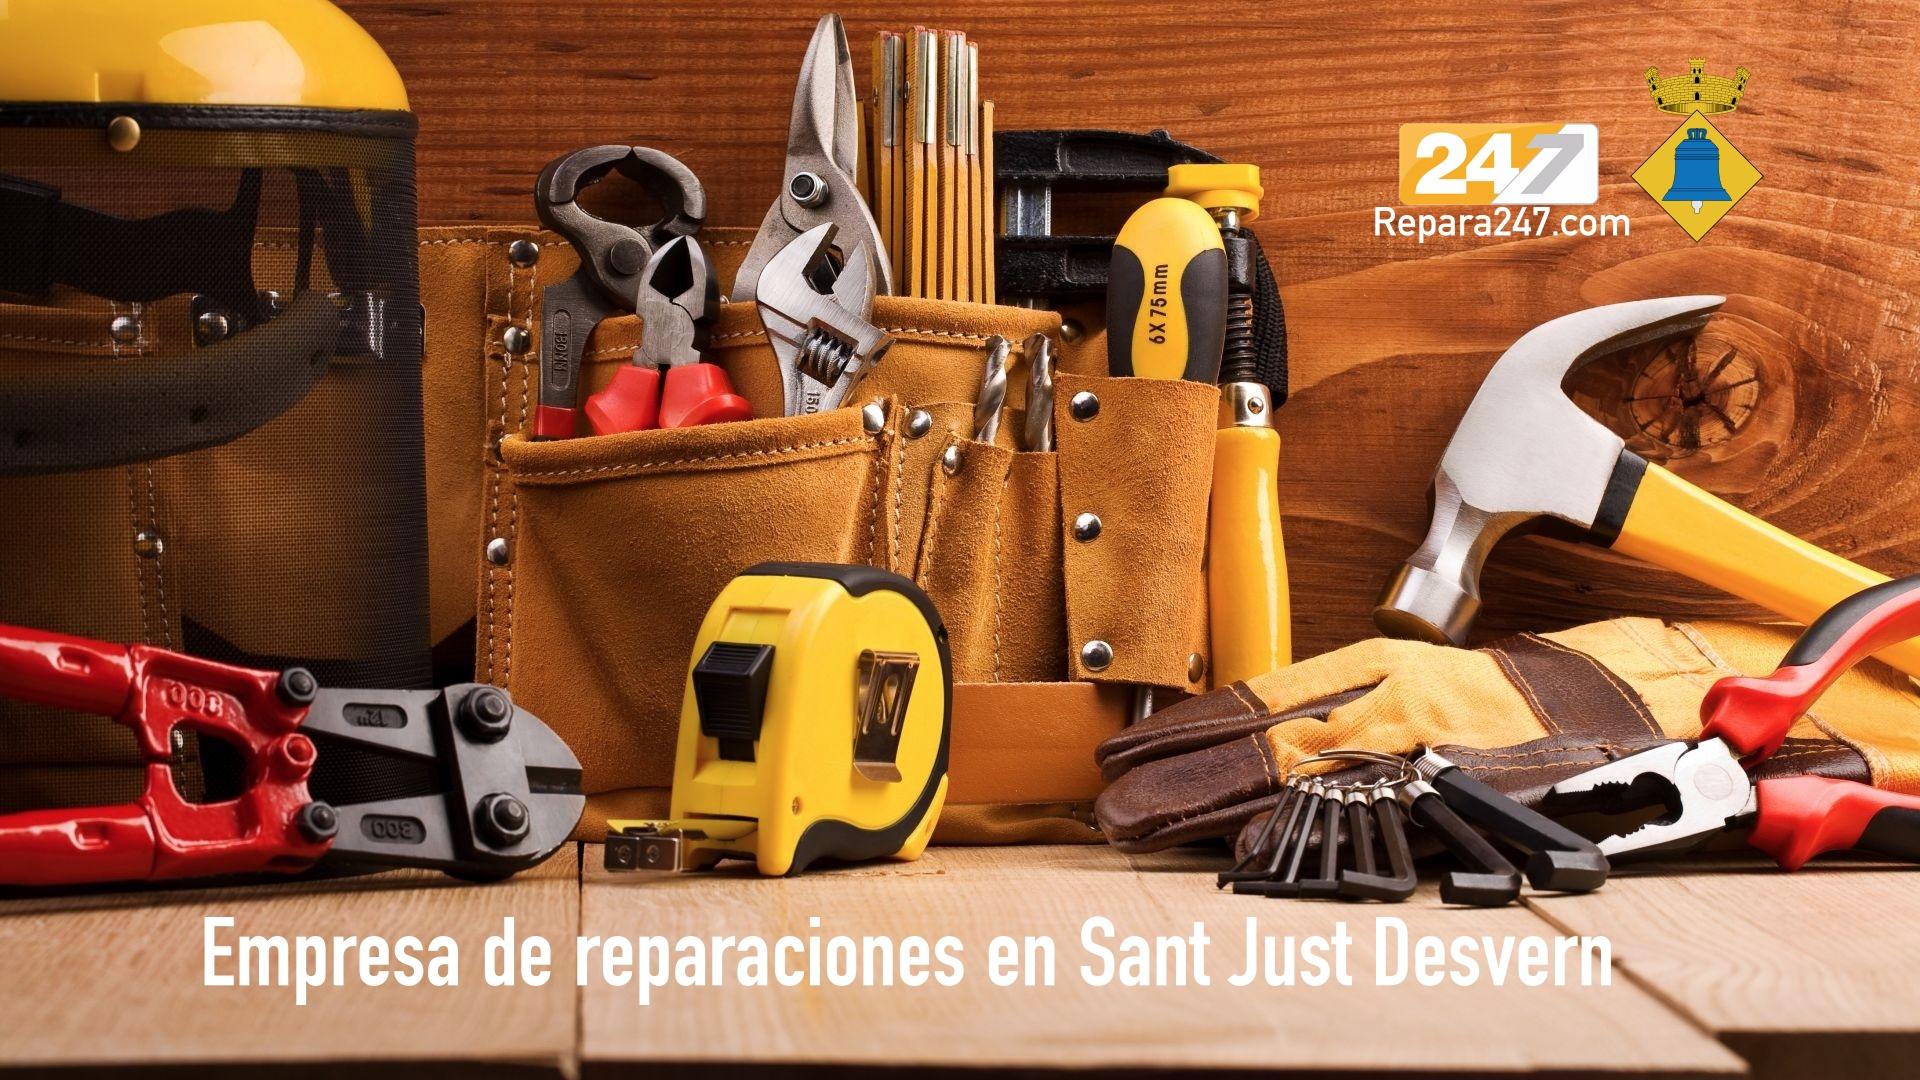 Empresa de reparaciones en Sant Just Desvern